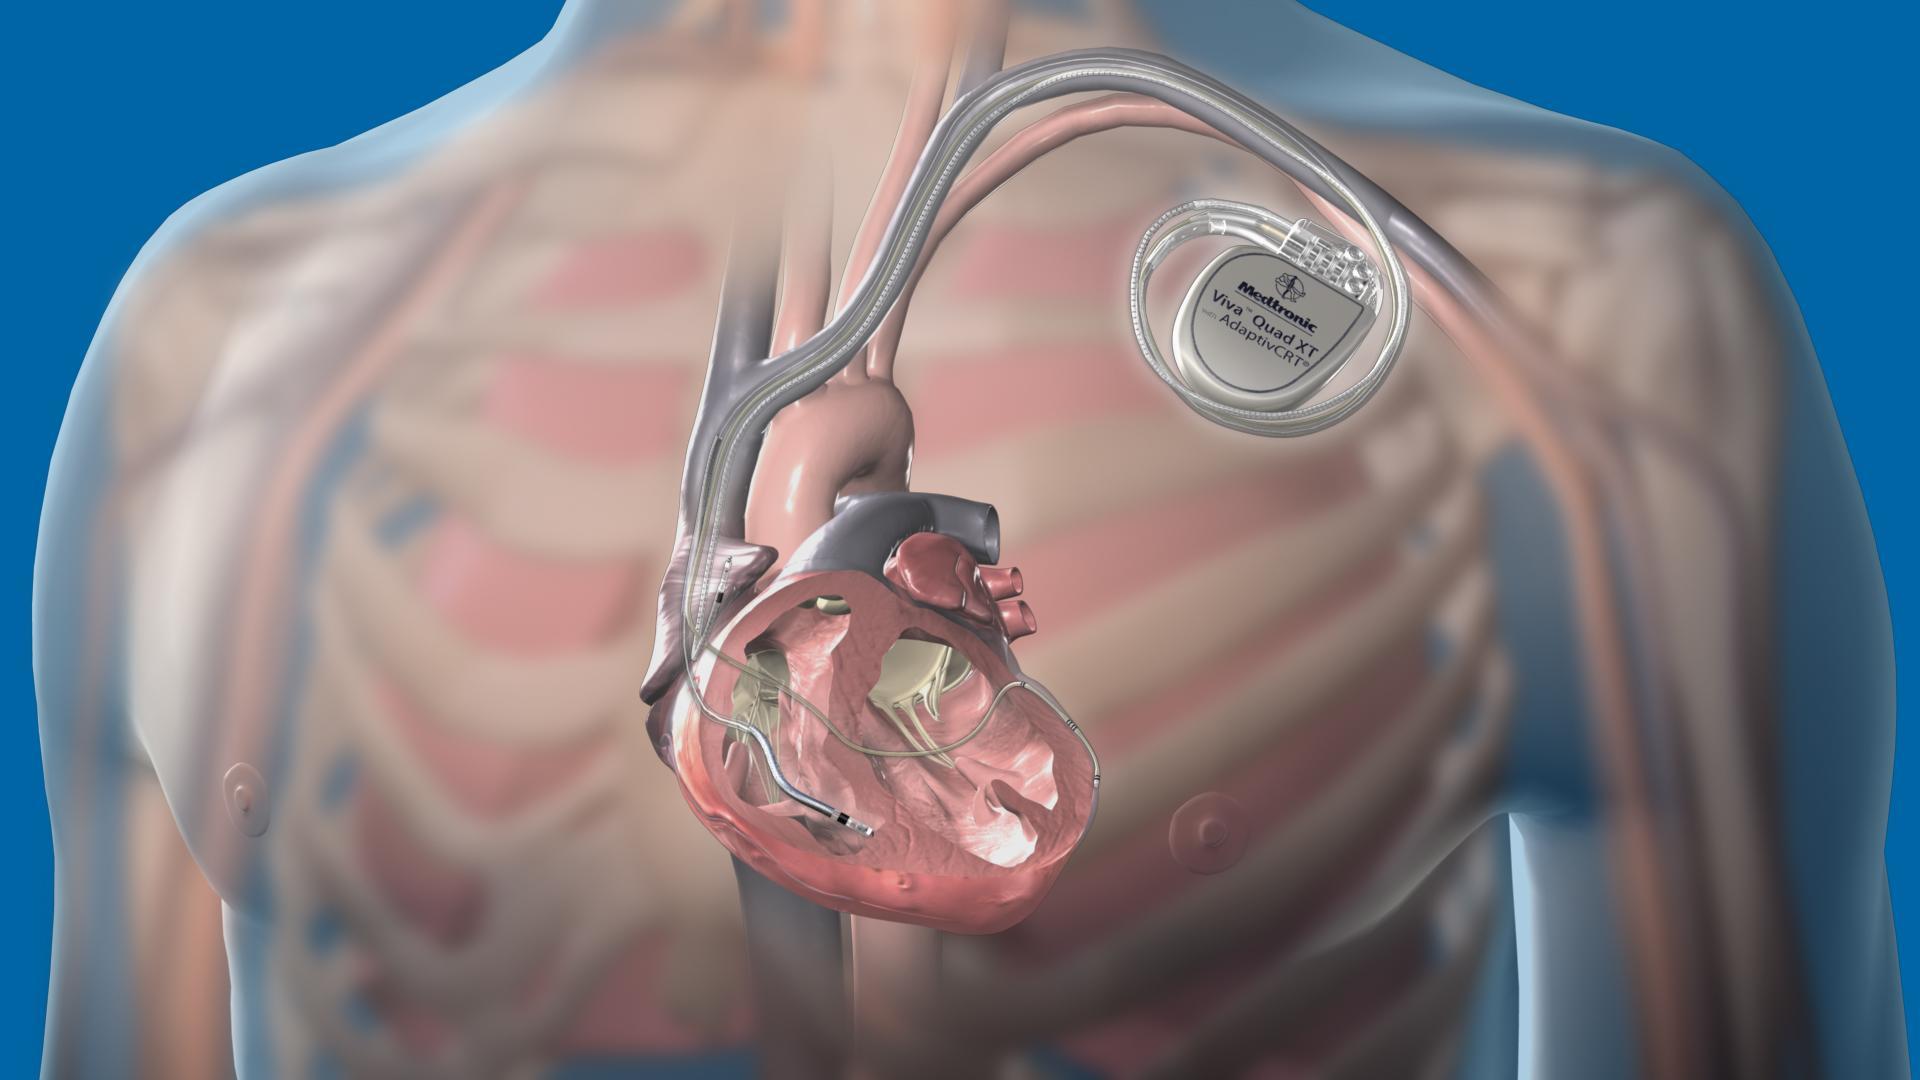 Хакеры способны взломать кардиостимуляторы